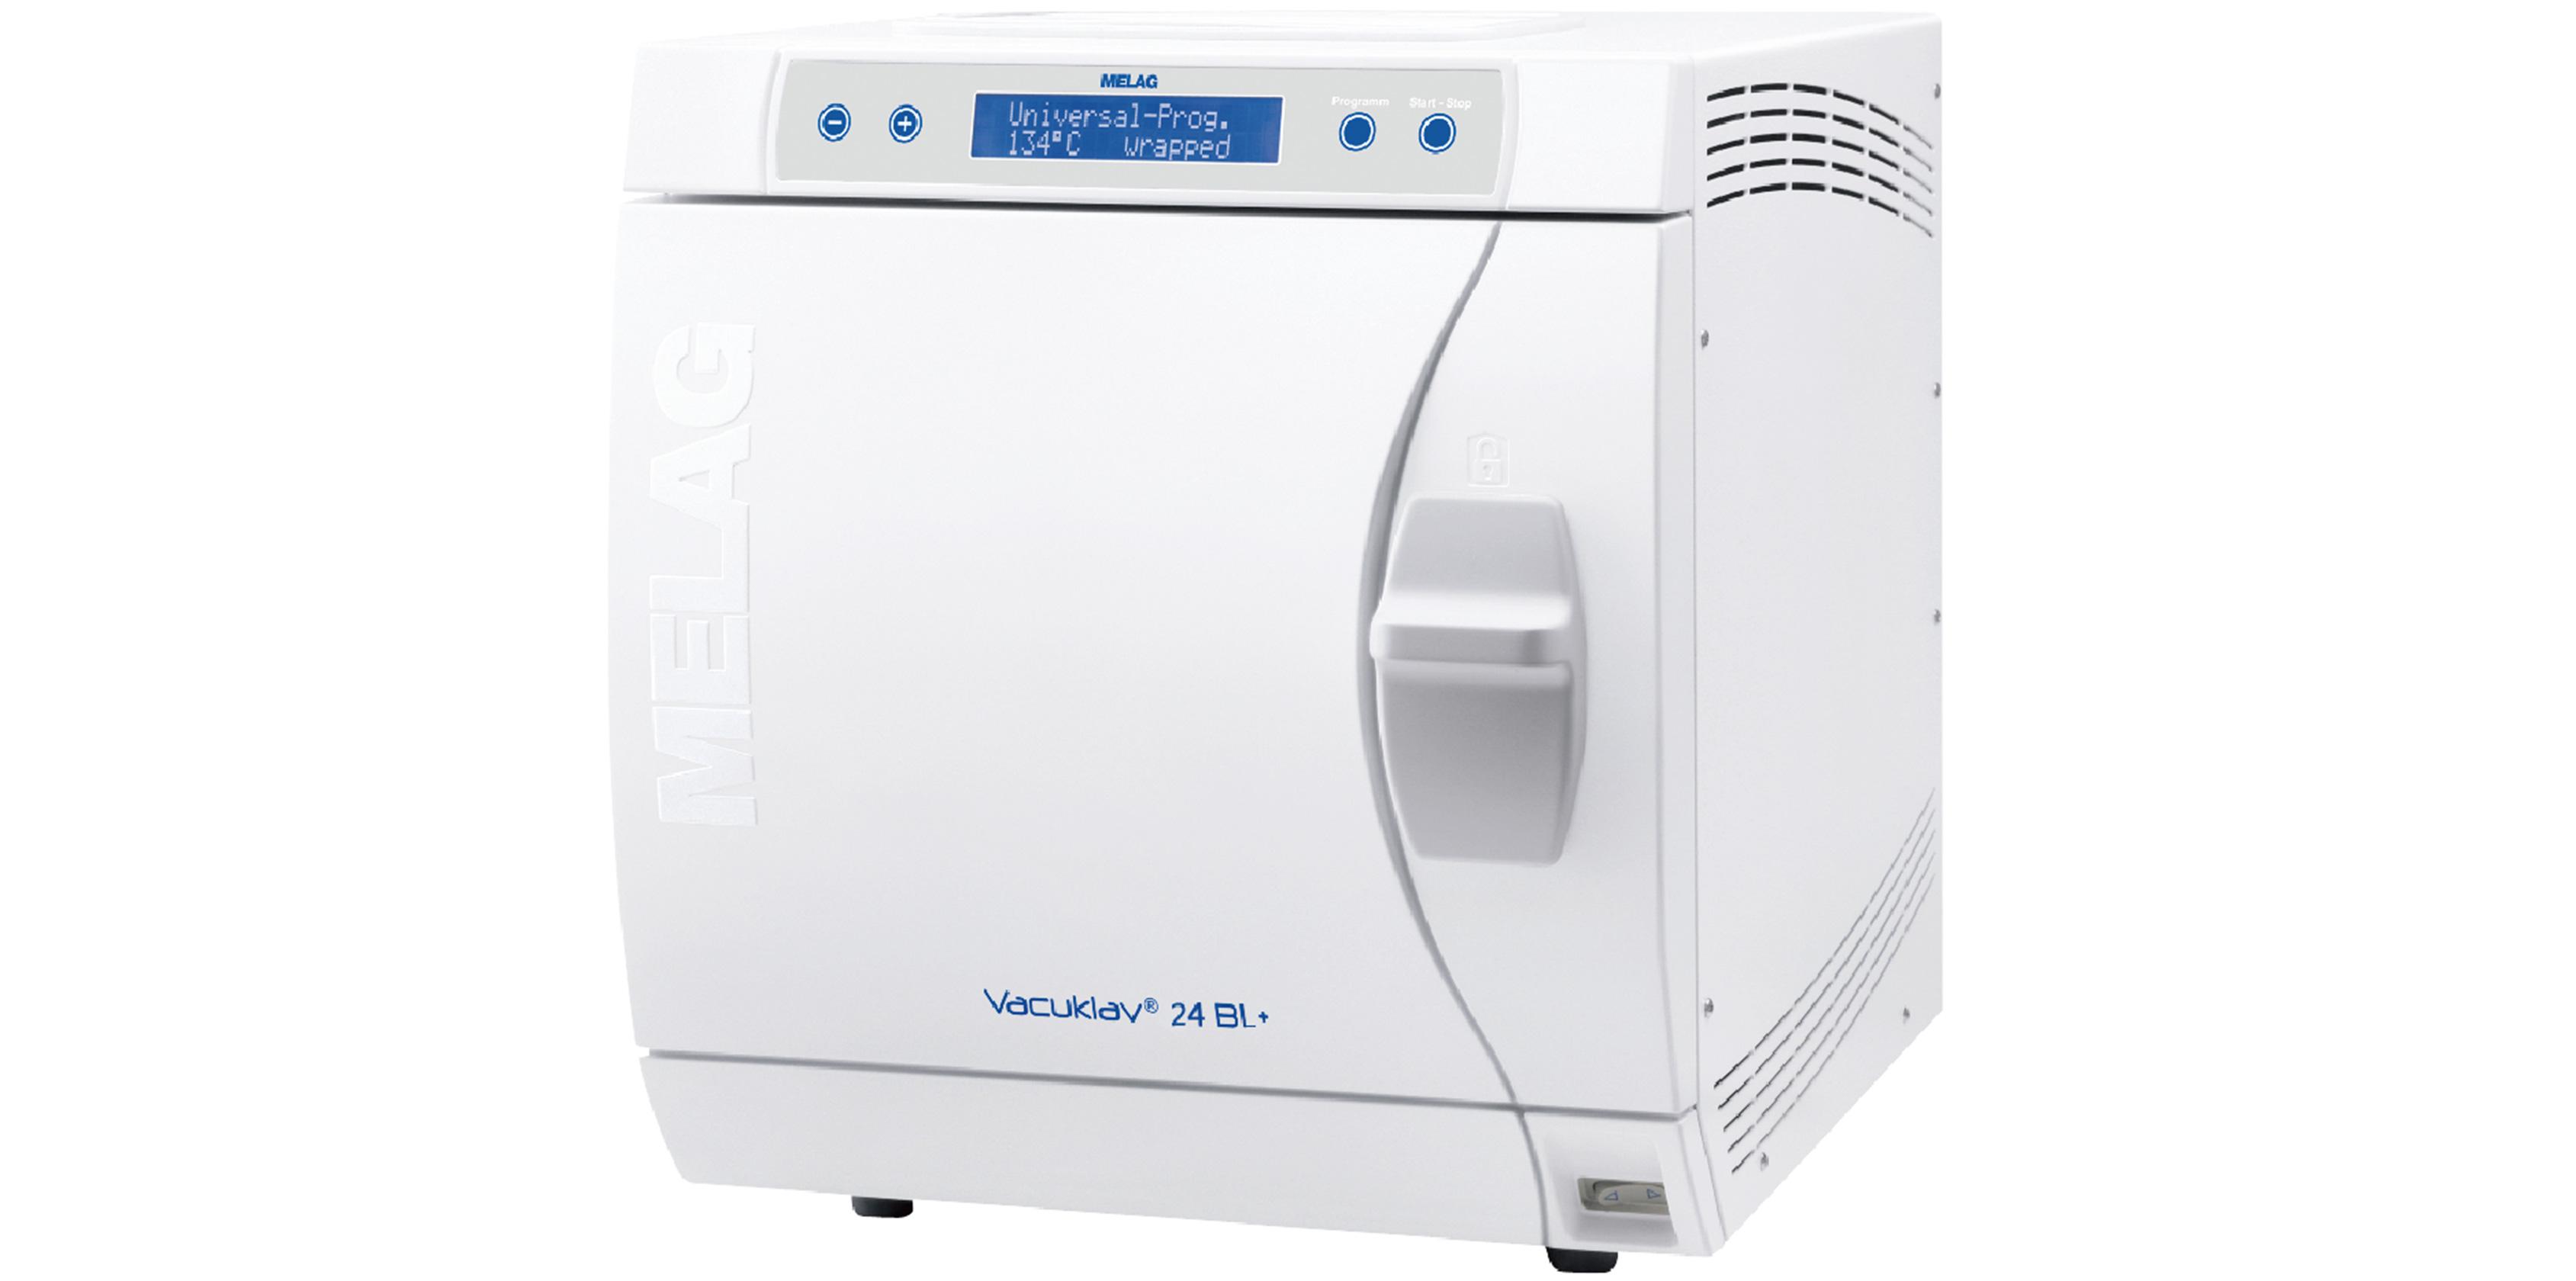 台式蒸汽灭菌器 Vacuklav 24BL+